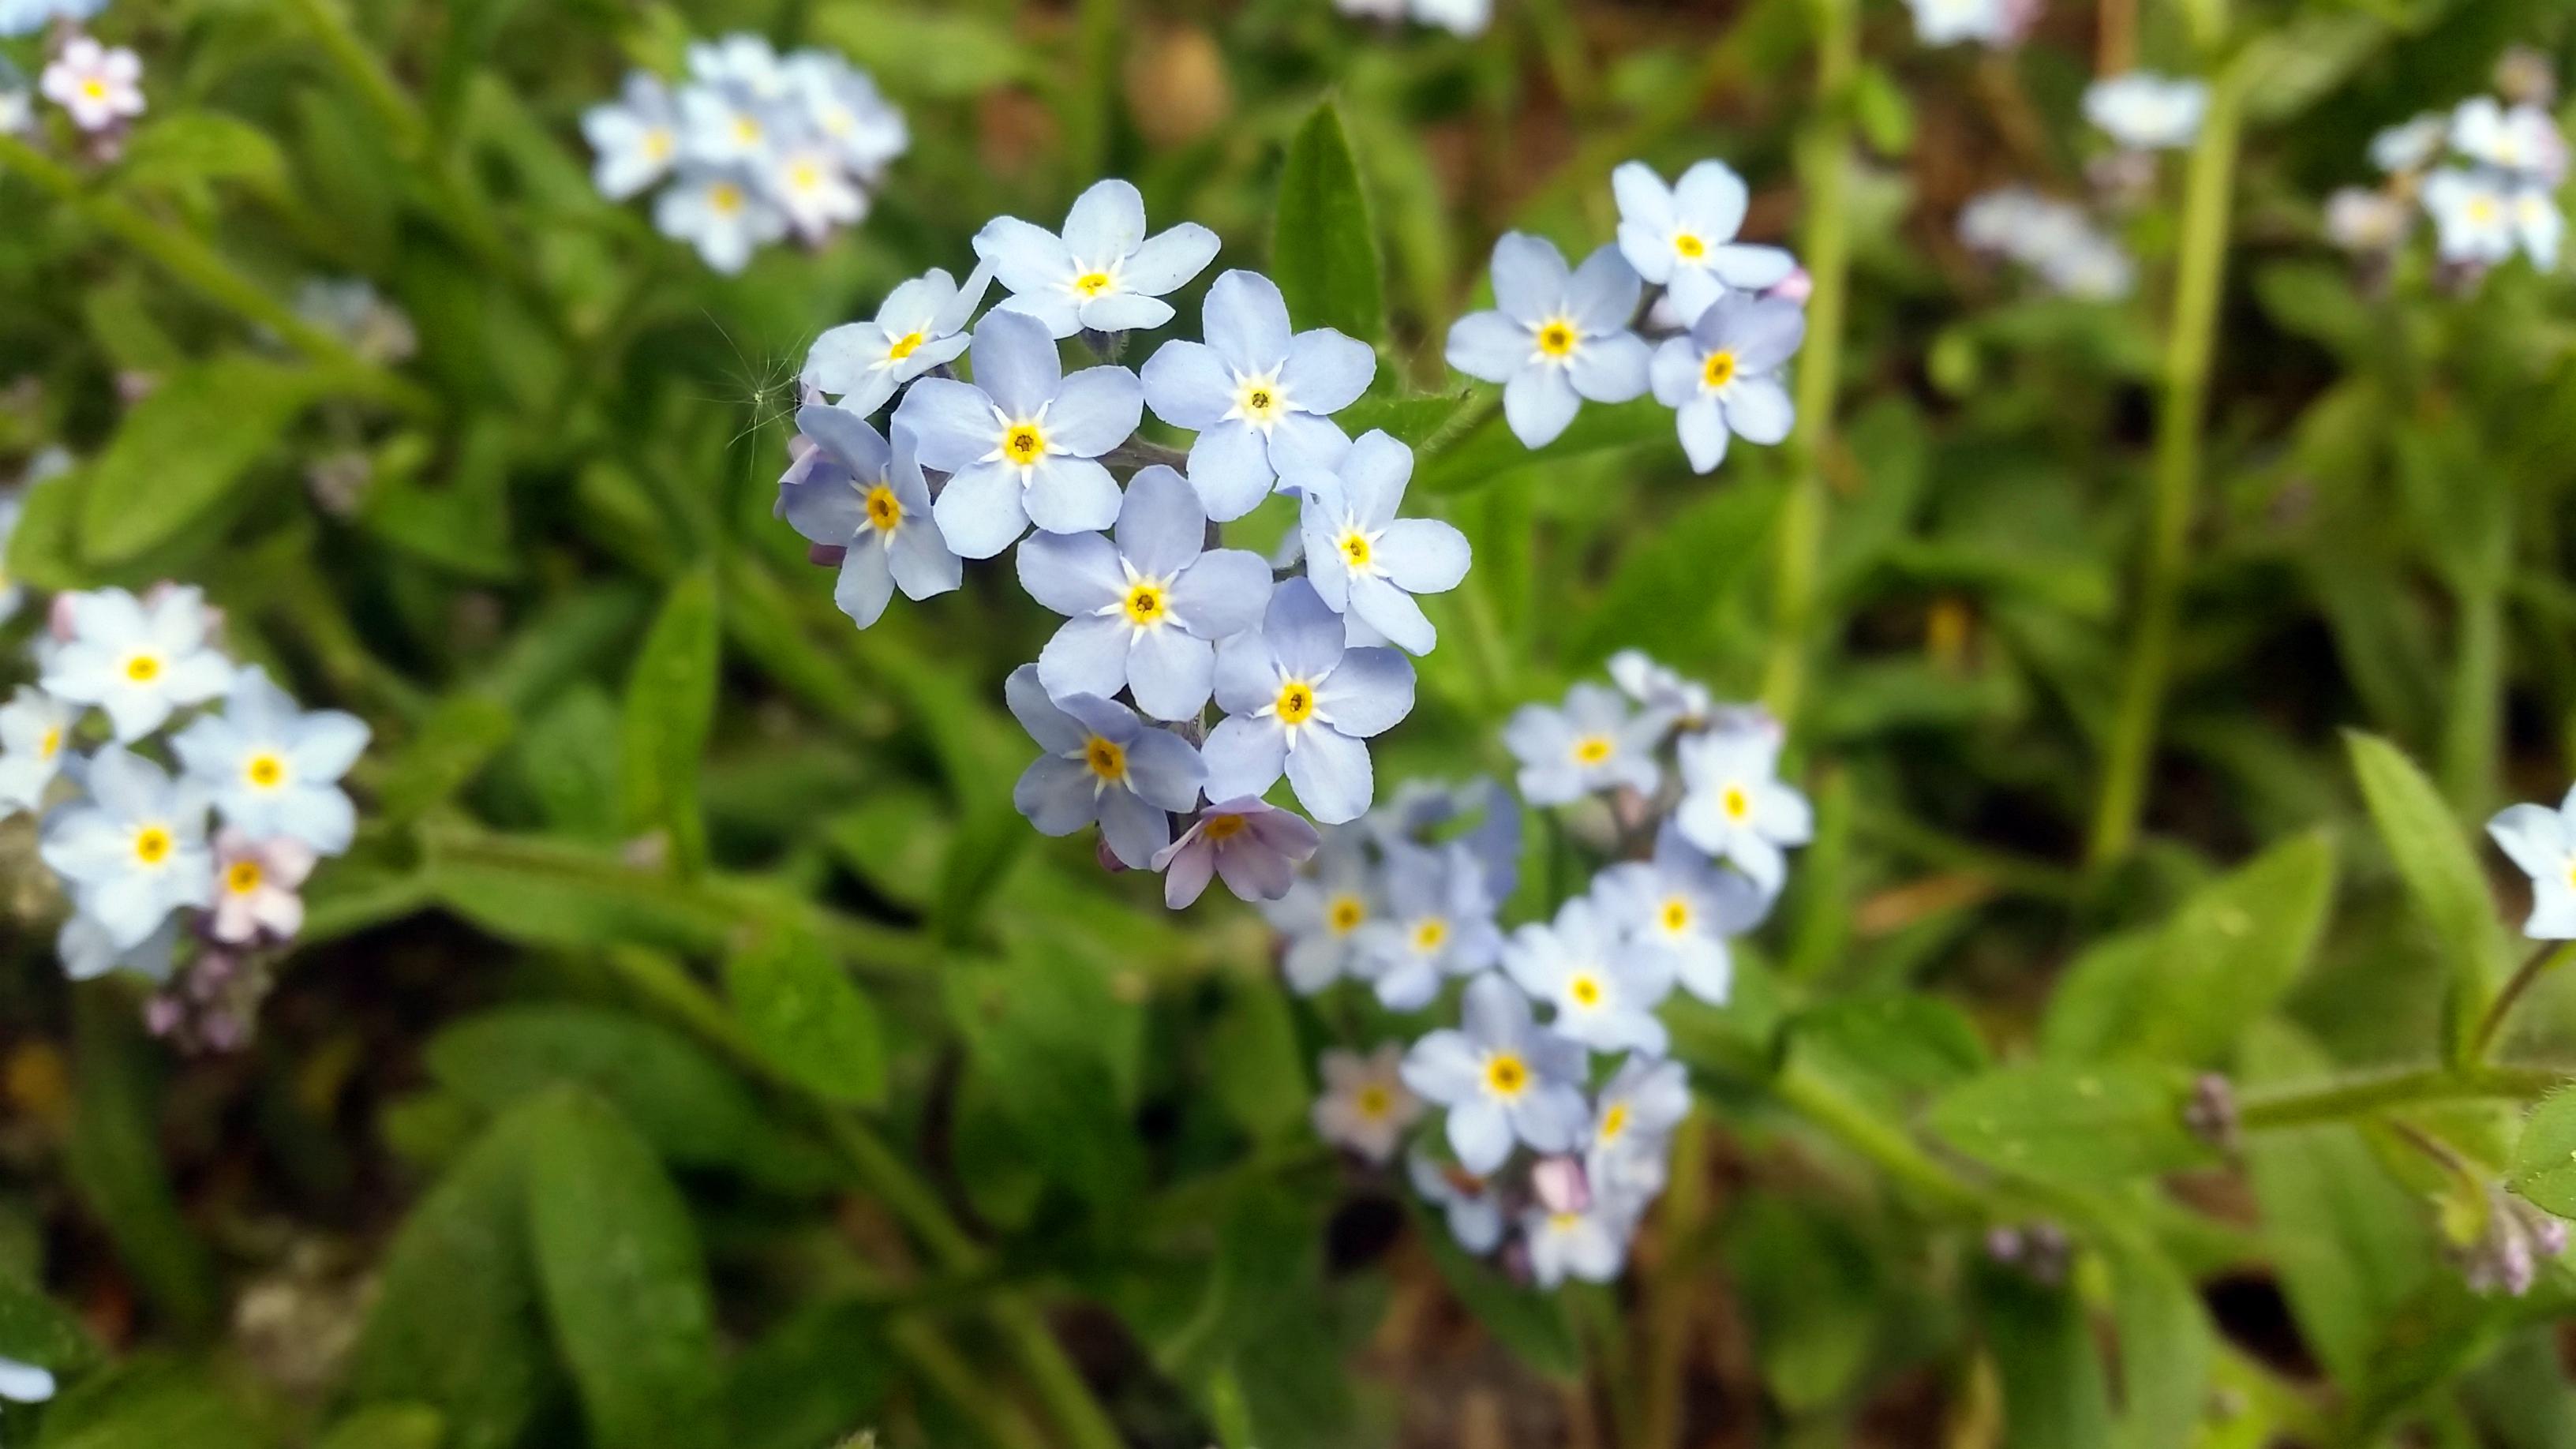 Gėlė neužmirštuolė